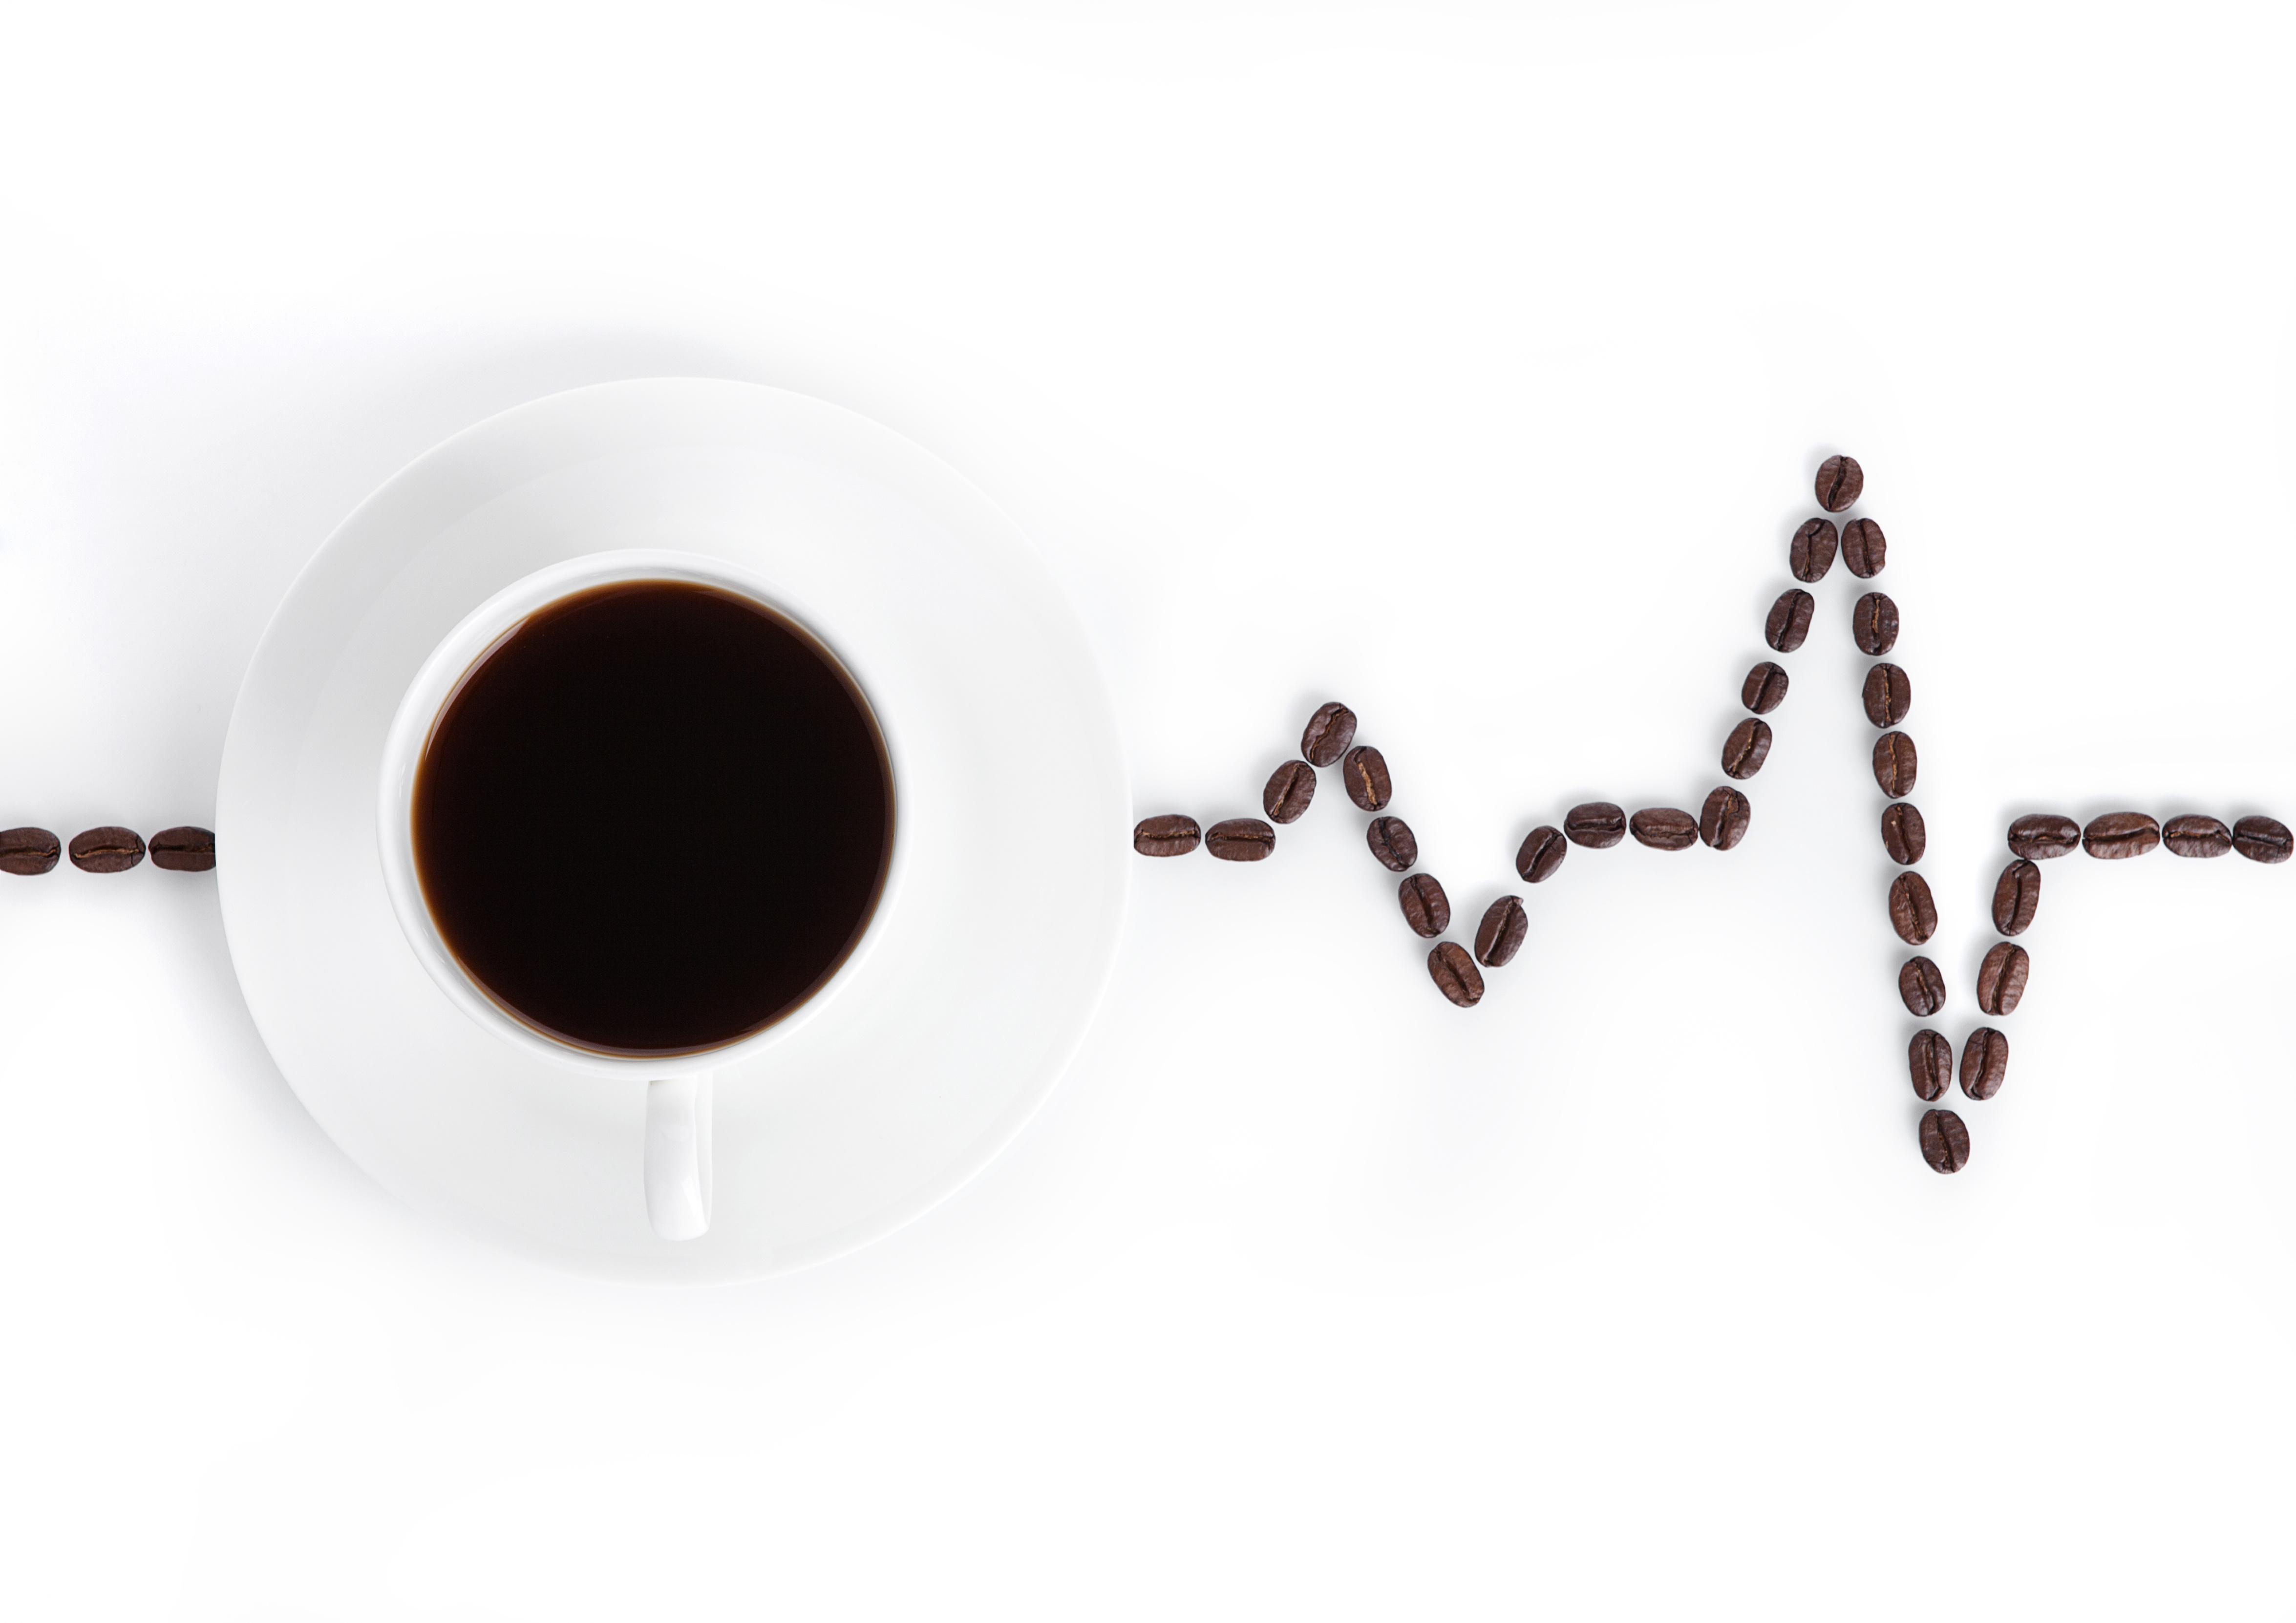 L'augmentation de la consommation de caféine associée à une diminution du risque d'insuffisance cardiaque (Adobe Stock 129374726)